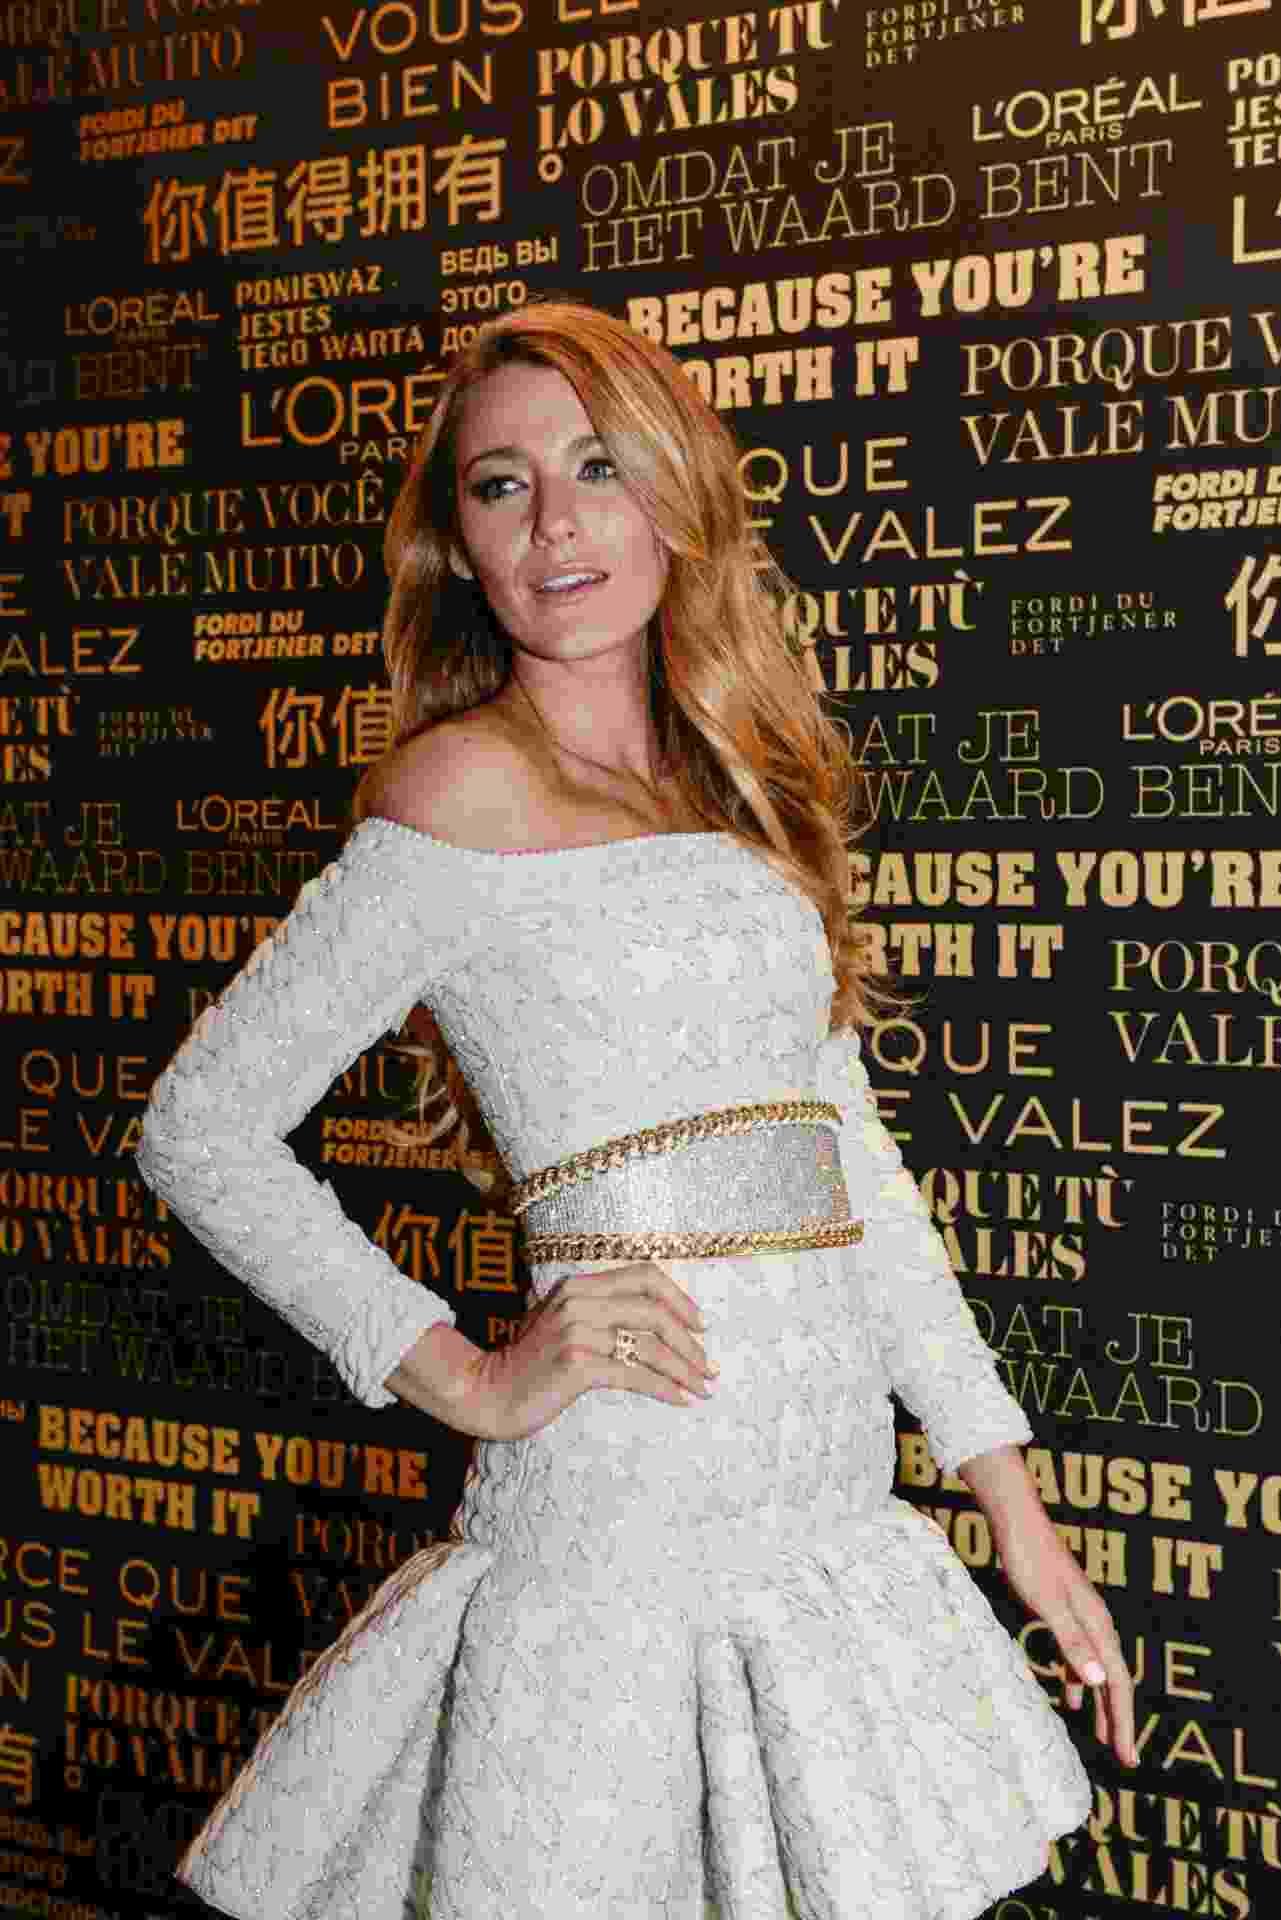 29.out.2013 - A atriz Blake Lively durante evento em Paris em que foi anunciada como nova porta-voz da L'Oréal - J.L.Bulcão